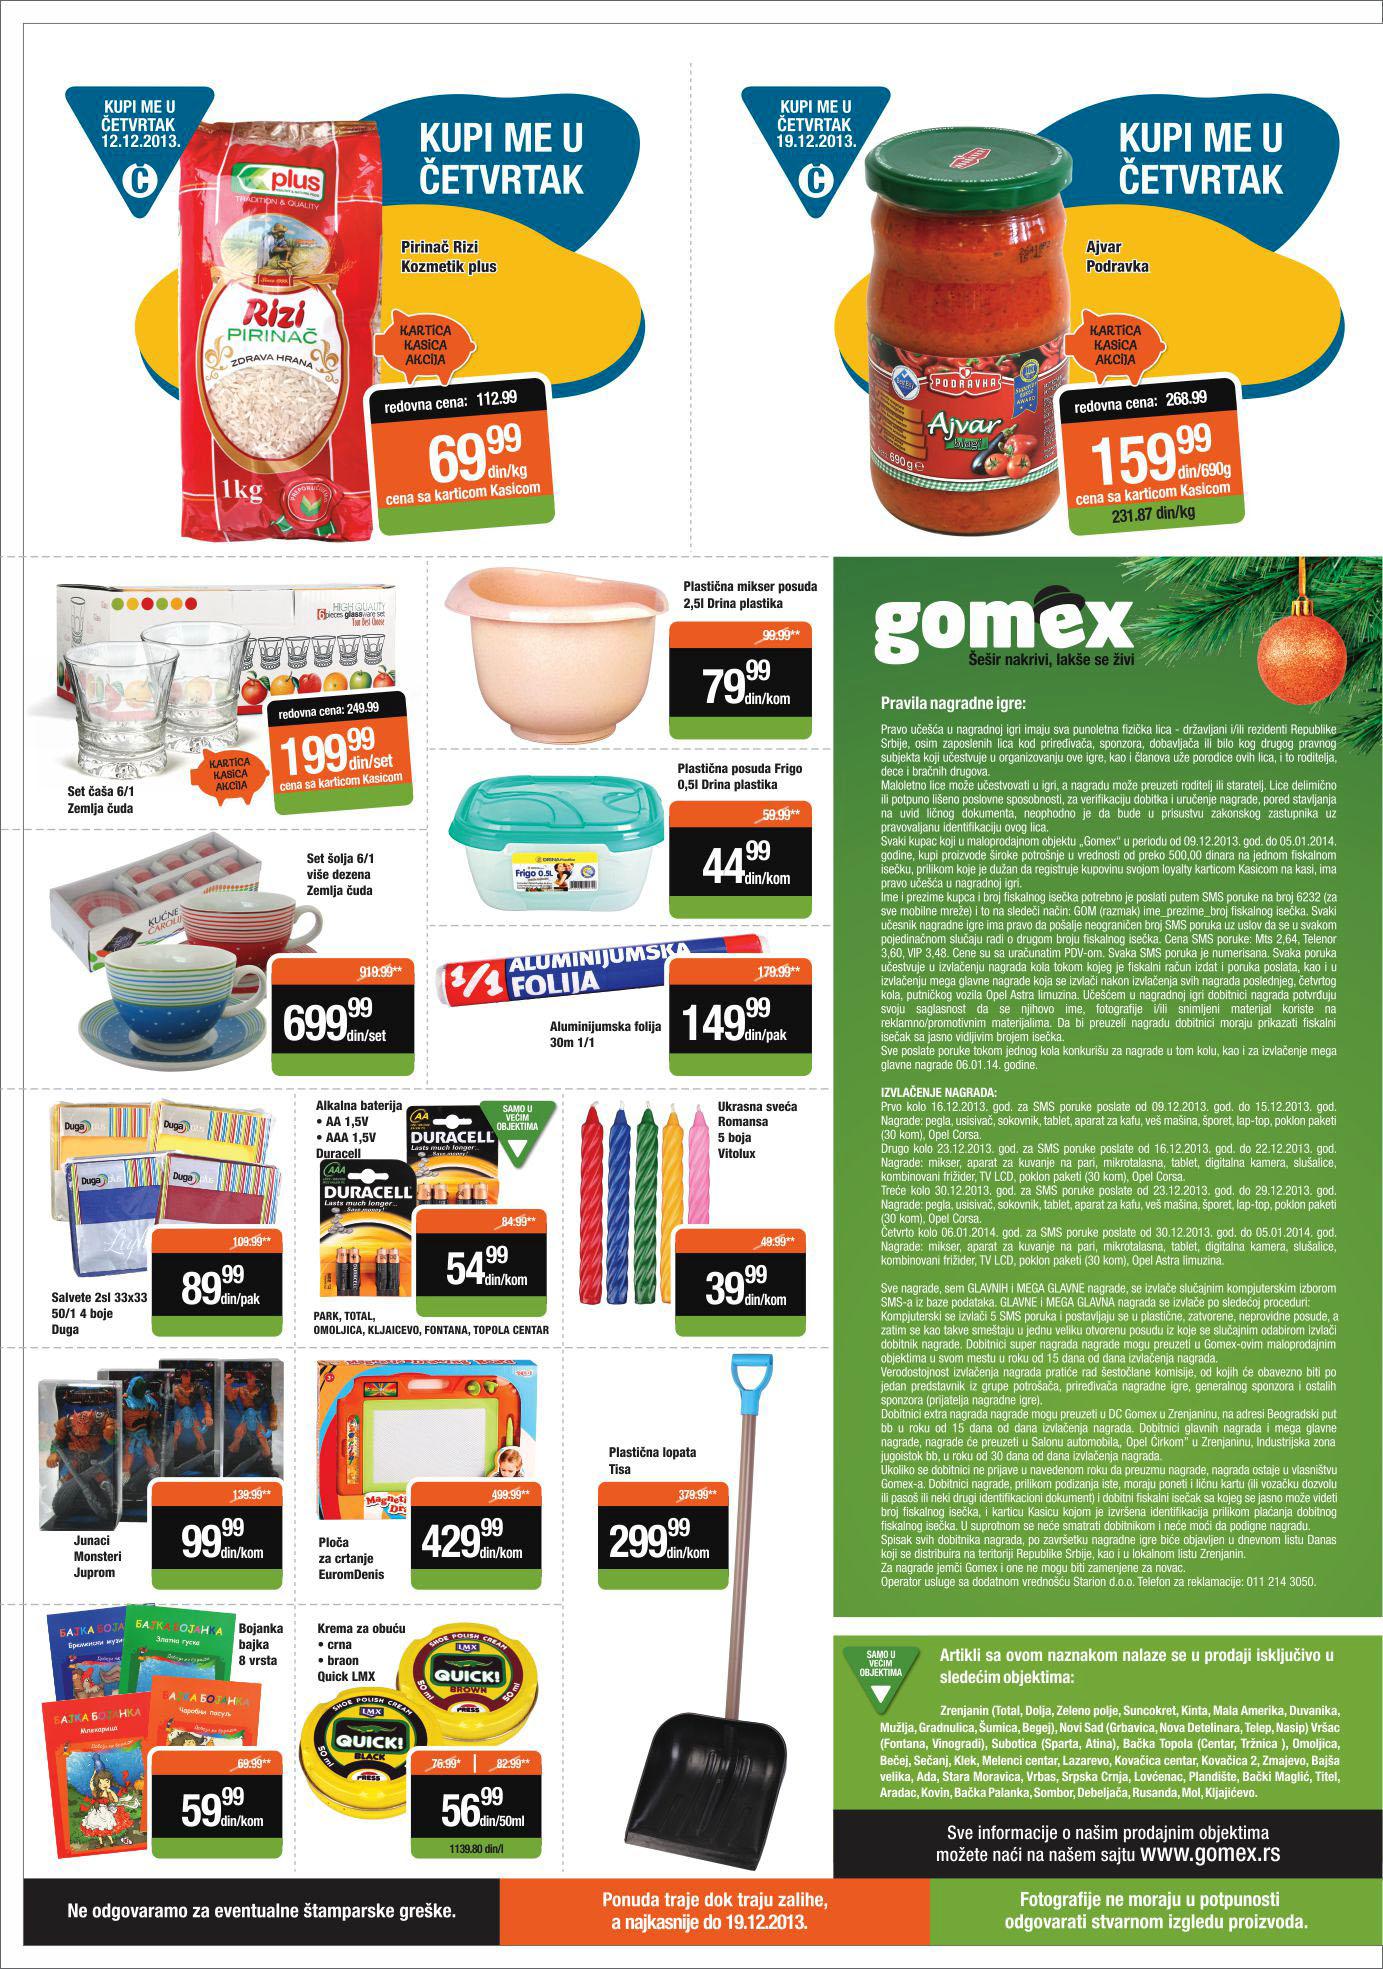 Gomex katalog super cena